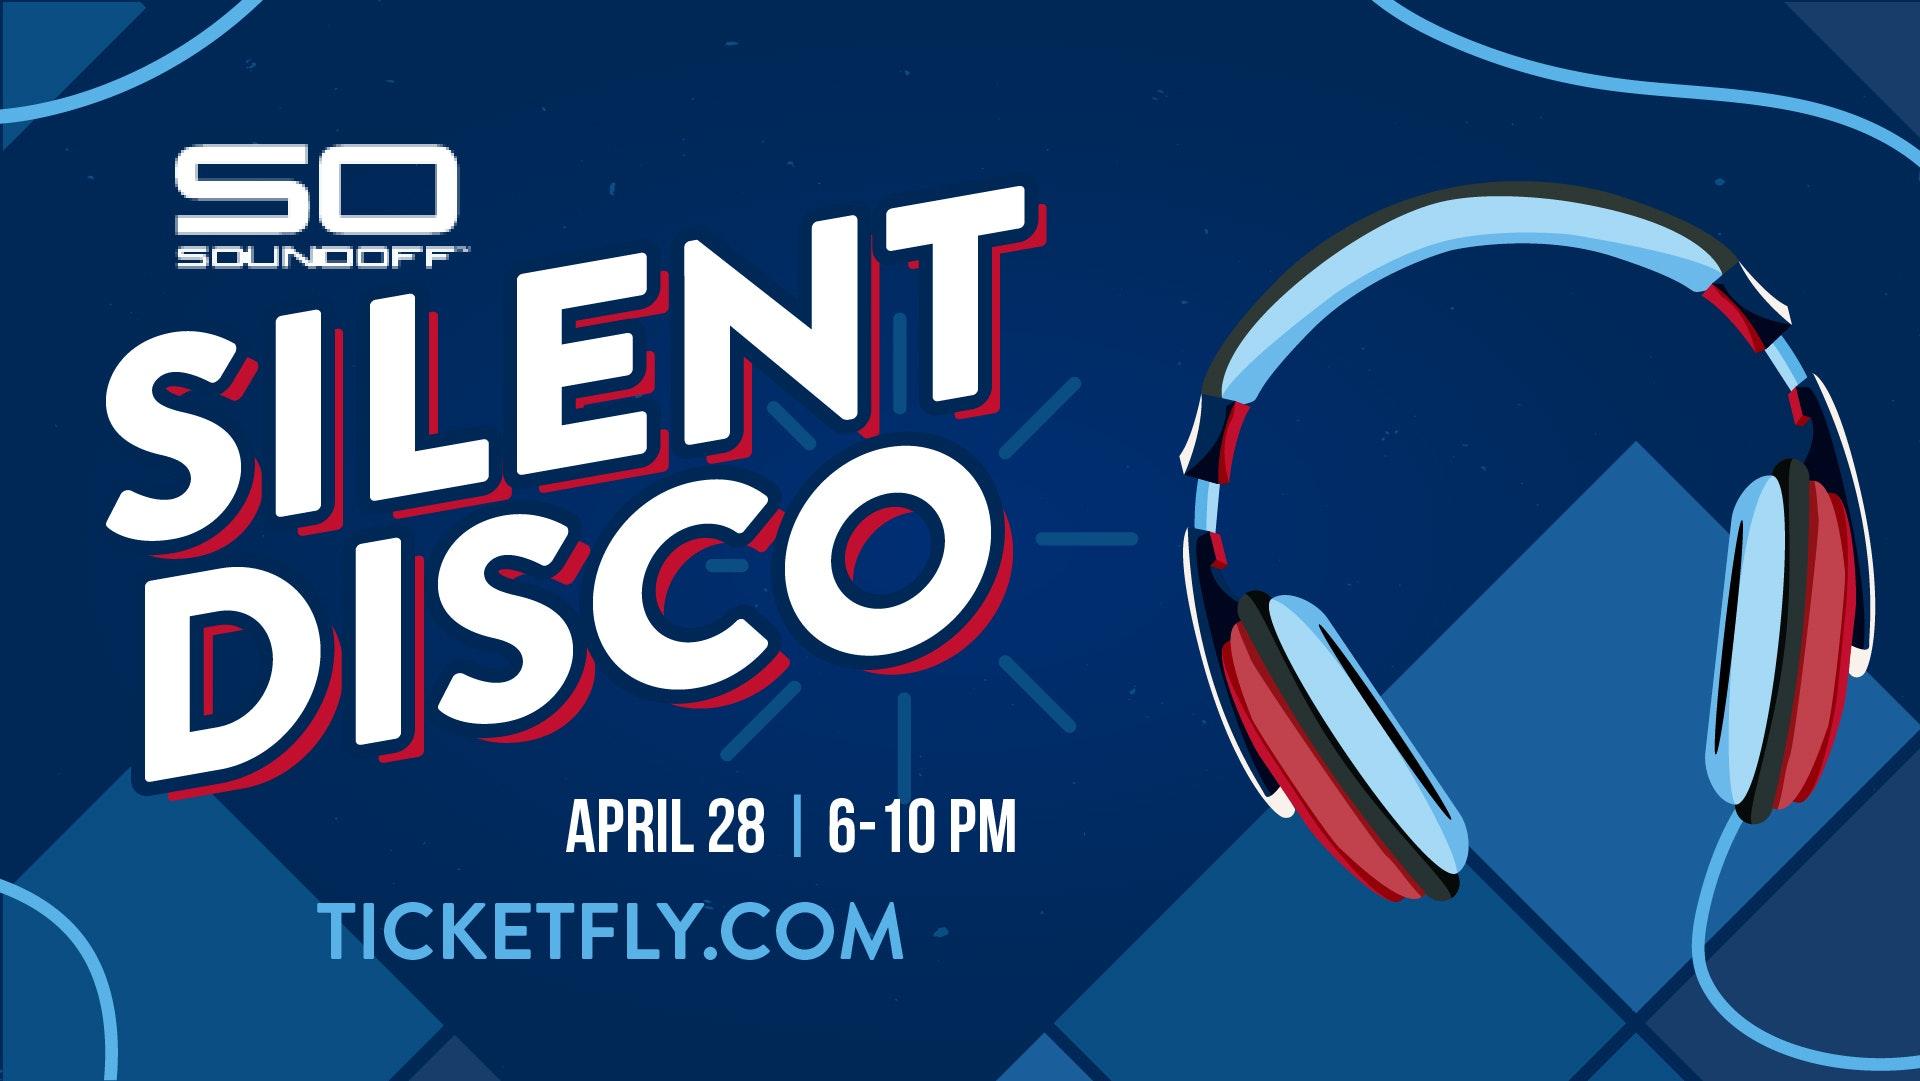 Sound Off Silent Disco